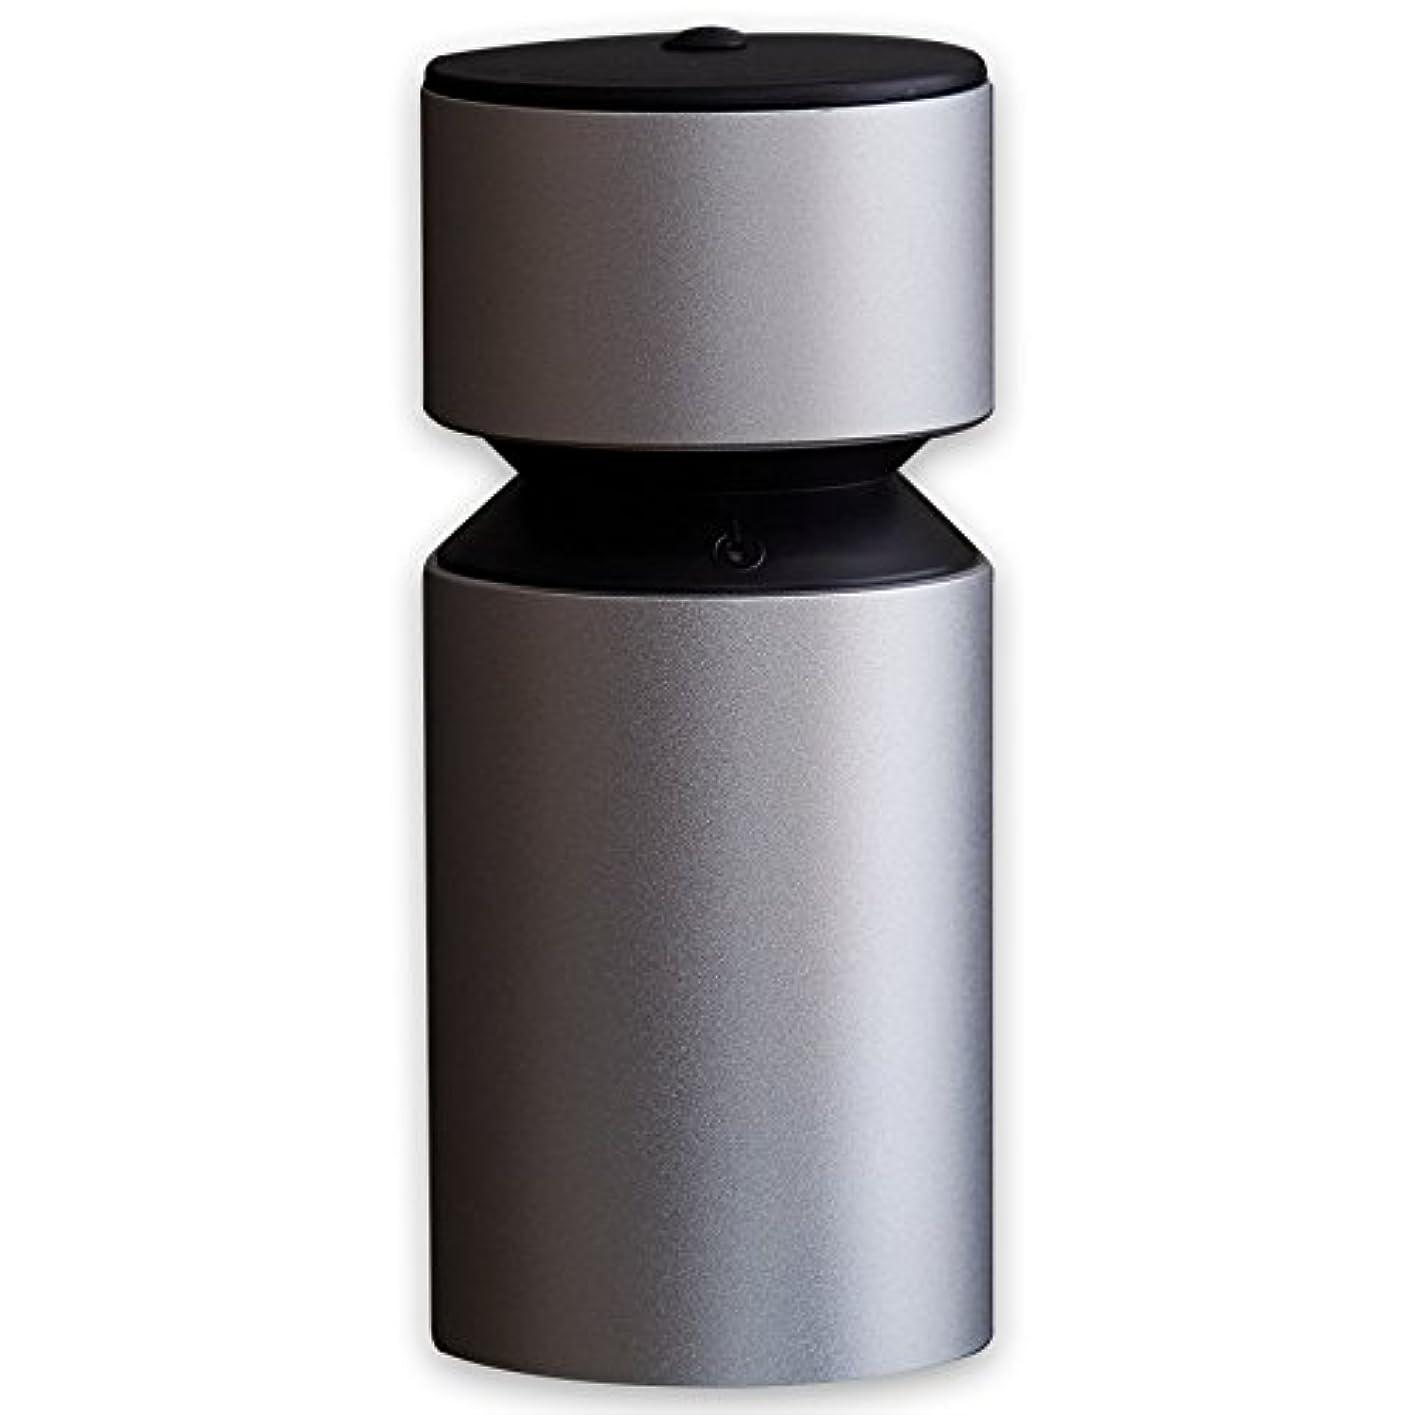 満足できるボア革新アロマディフューザー UR-AROMA03 卓上 小型 加湿器 Uruon(ウルオン) オーガニックアロマオイル対応 天然アロマオイル AROMA ポータブル usb コンパクト 充電式 タンブラー 2way アロマドロップ方式